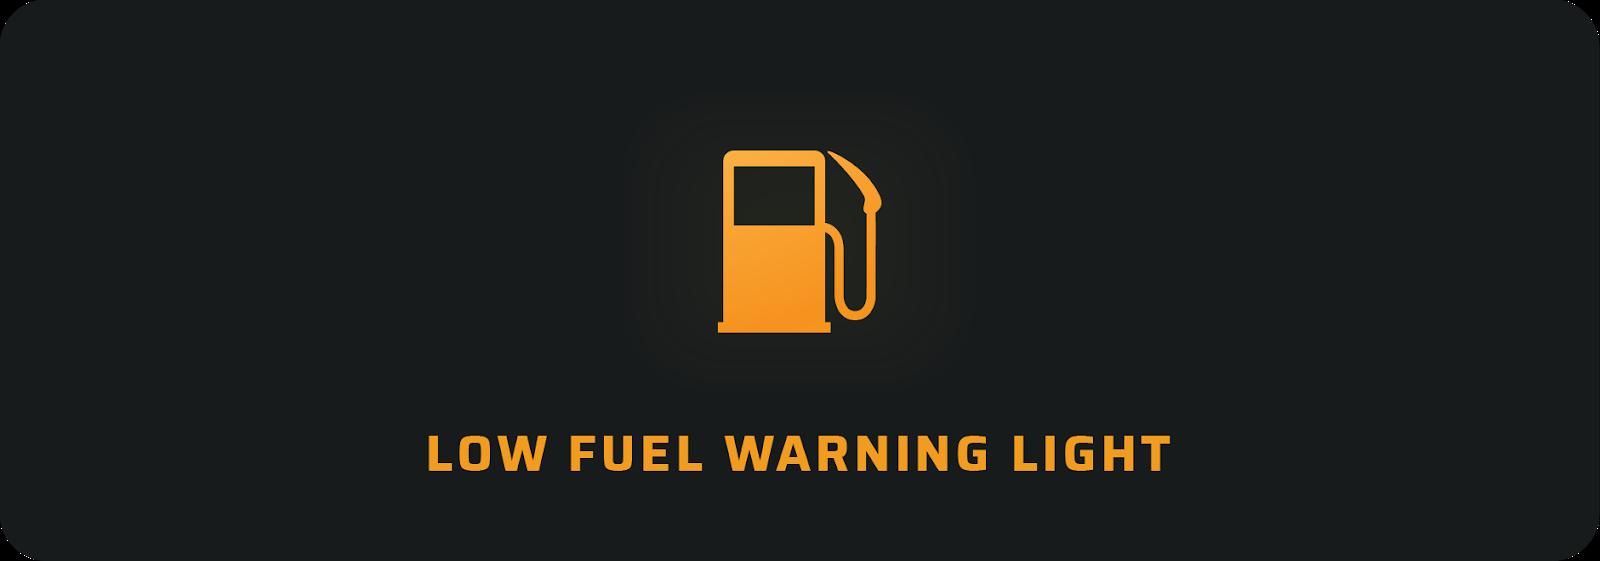 Low fuel car warning light